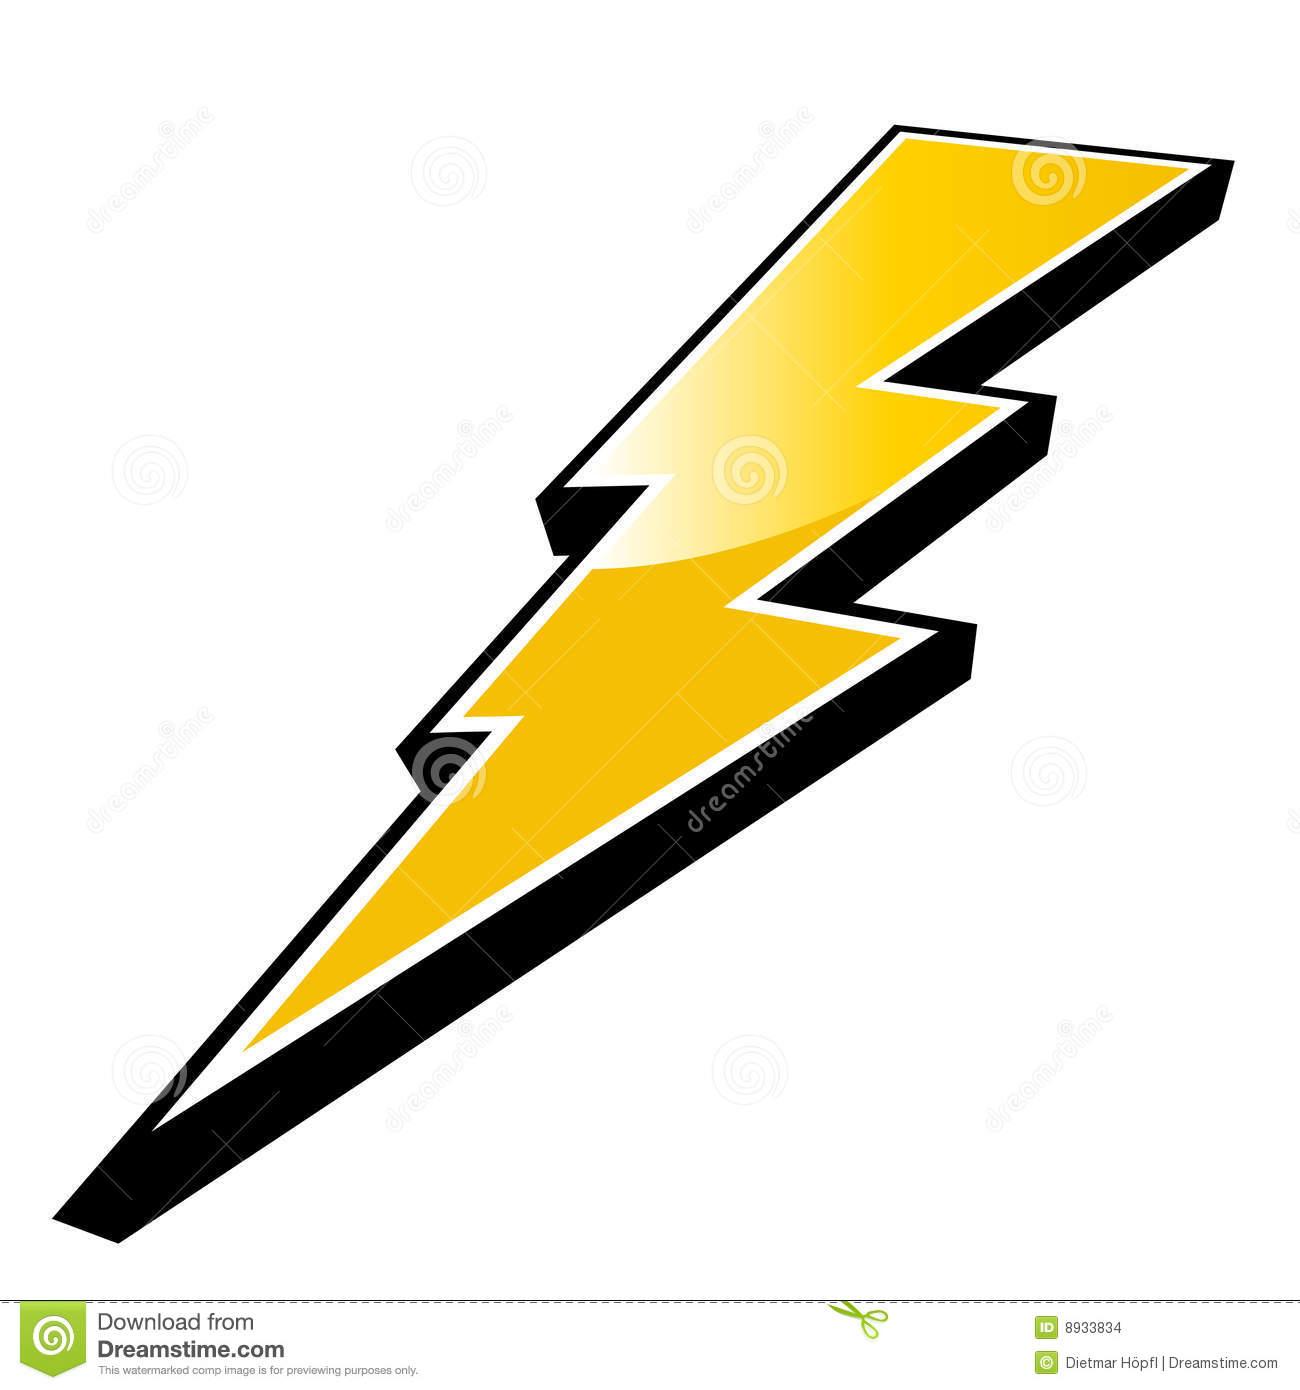 Zeus thunderbolt png transparent zeus thunderboltg images pin zeus clipart thunderbolt 5 zeus thunderbolt png biocorpaavc Images